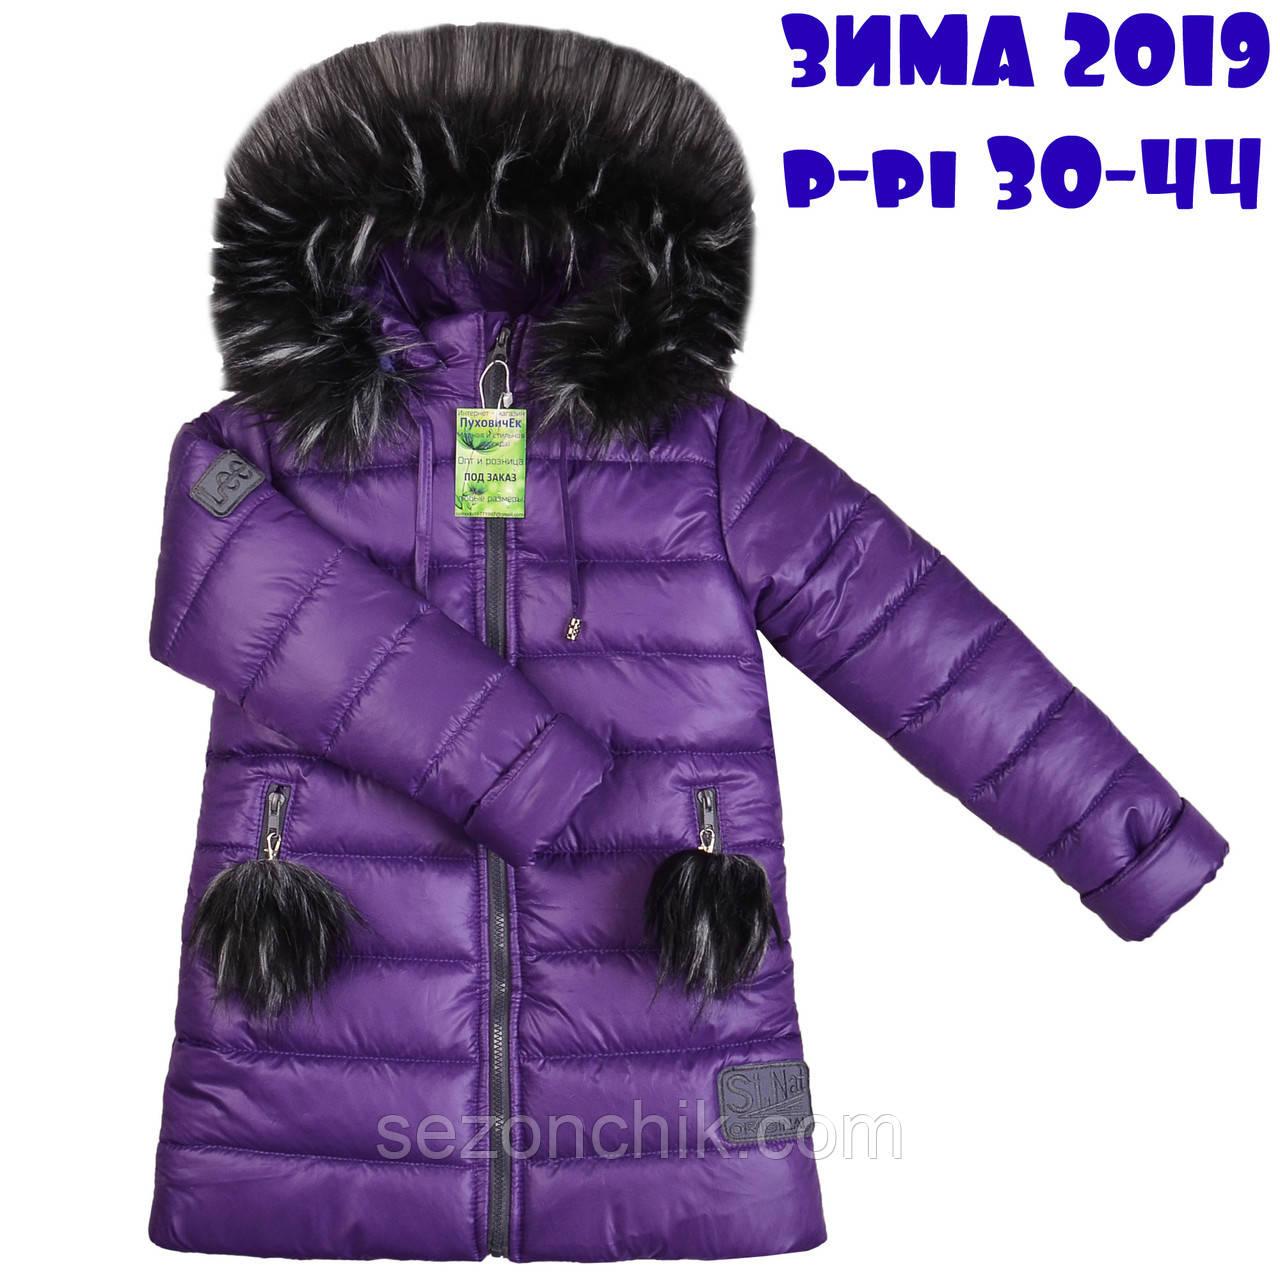 Зимнее детское пальто с мехом тёплое пуховик